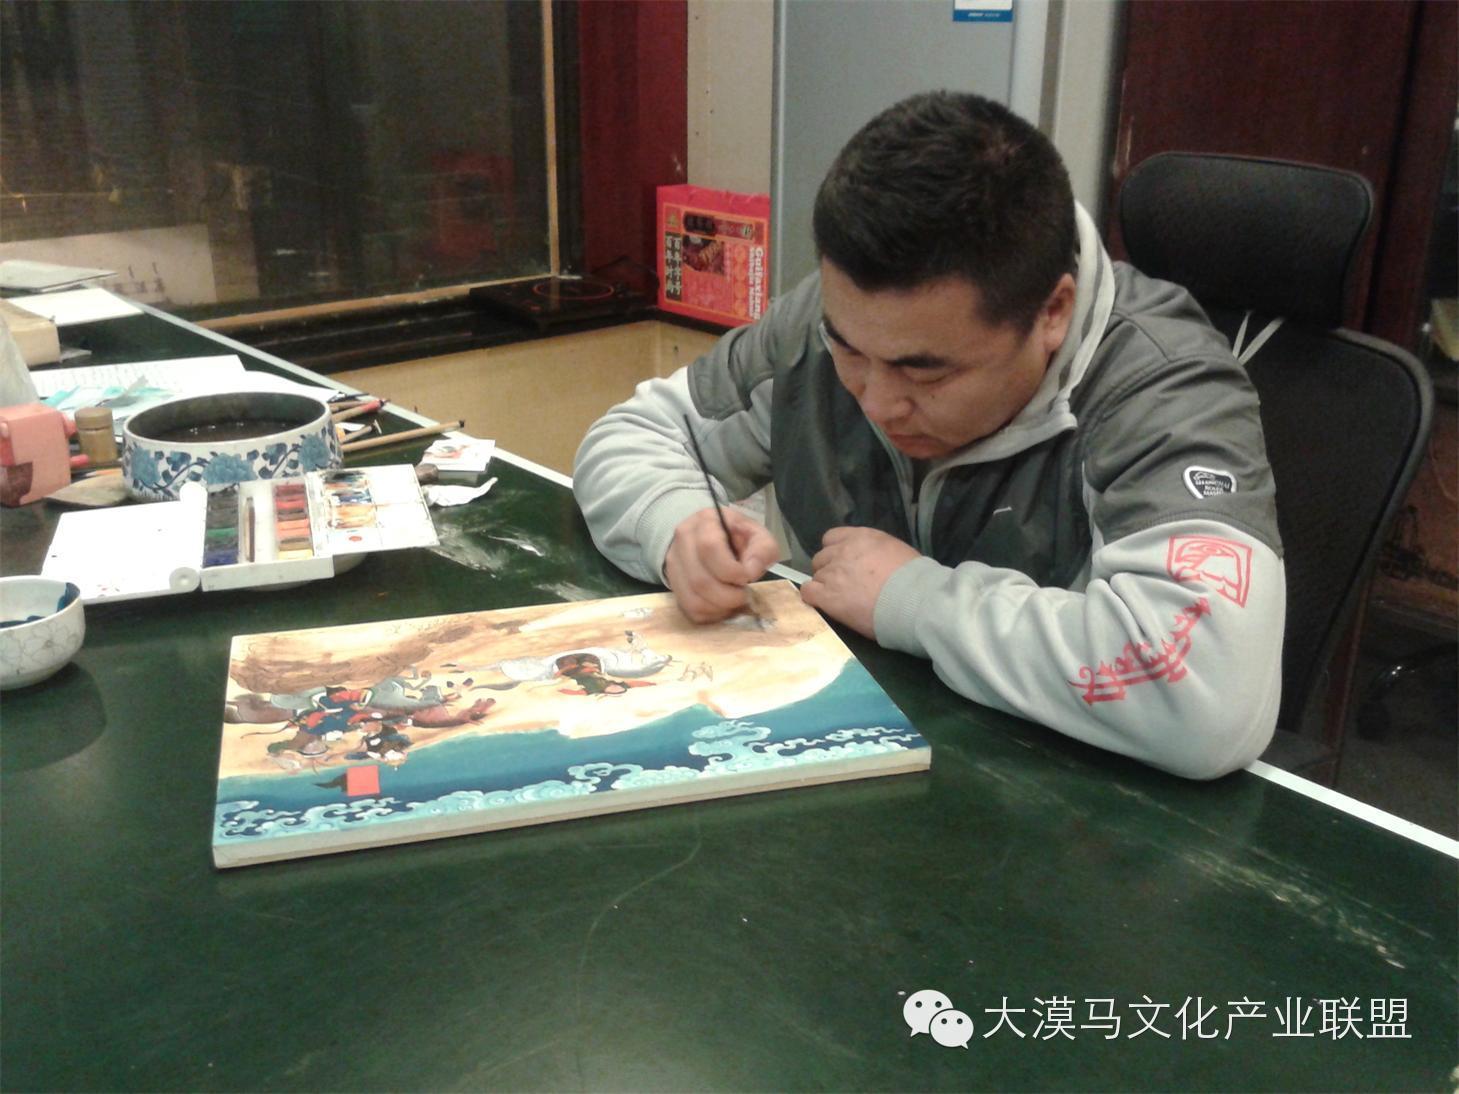 大召当代艺术中心蒙古国画家【拉·苏和巴特尔】 第6张 大召当代艺术中心蒙古国画家【拉·苏和巴特尔】 蒙古画廊